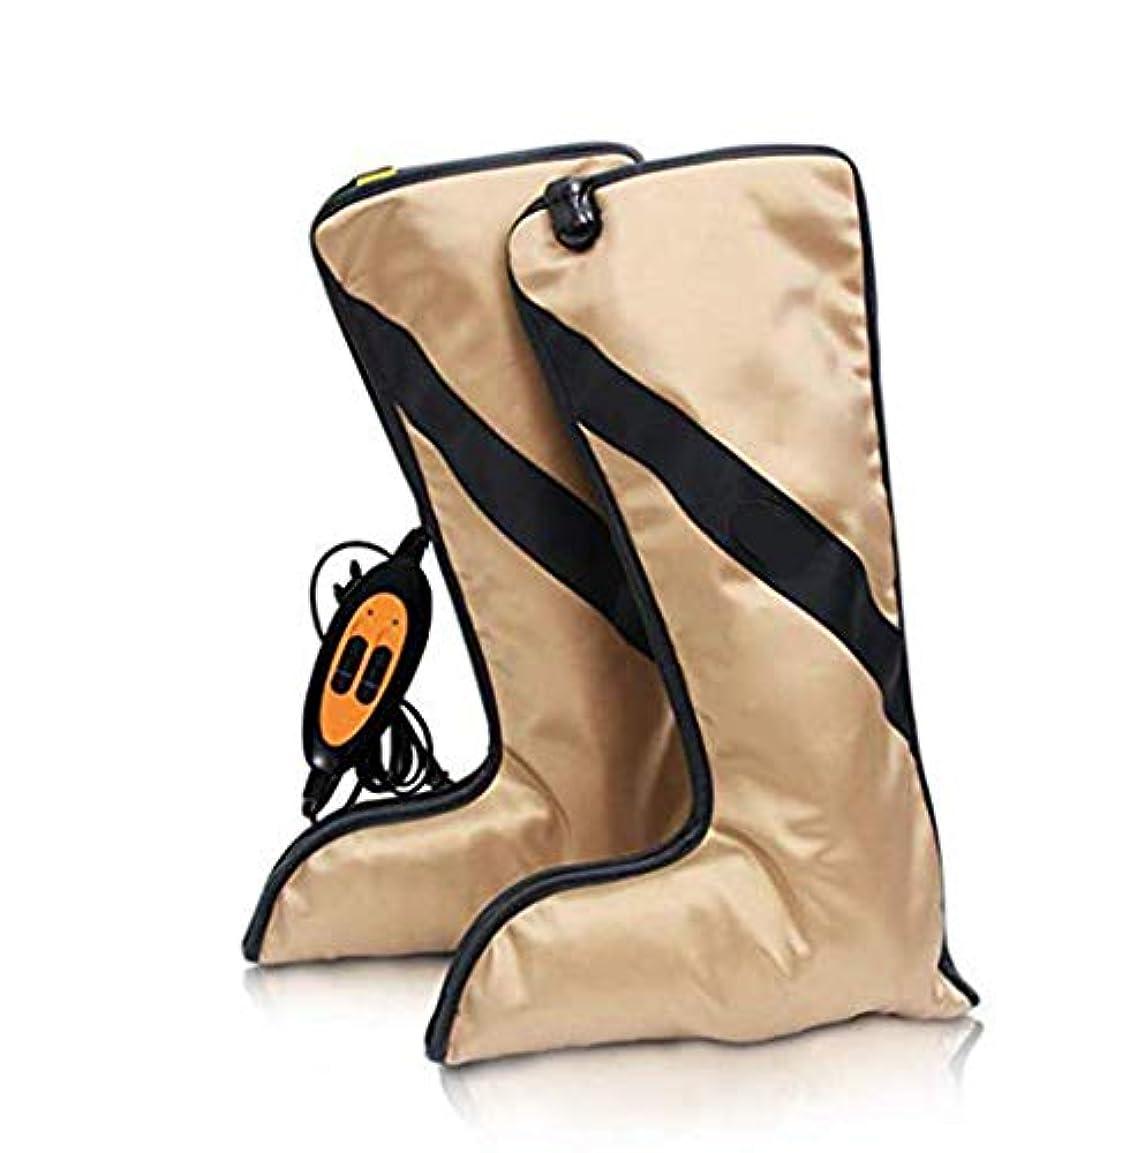 収容する露ブラウス足のマッサージャー、家/オフィス/旅行使用のために適した電気ふくらはぎマッサージャー3の強度レベル